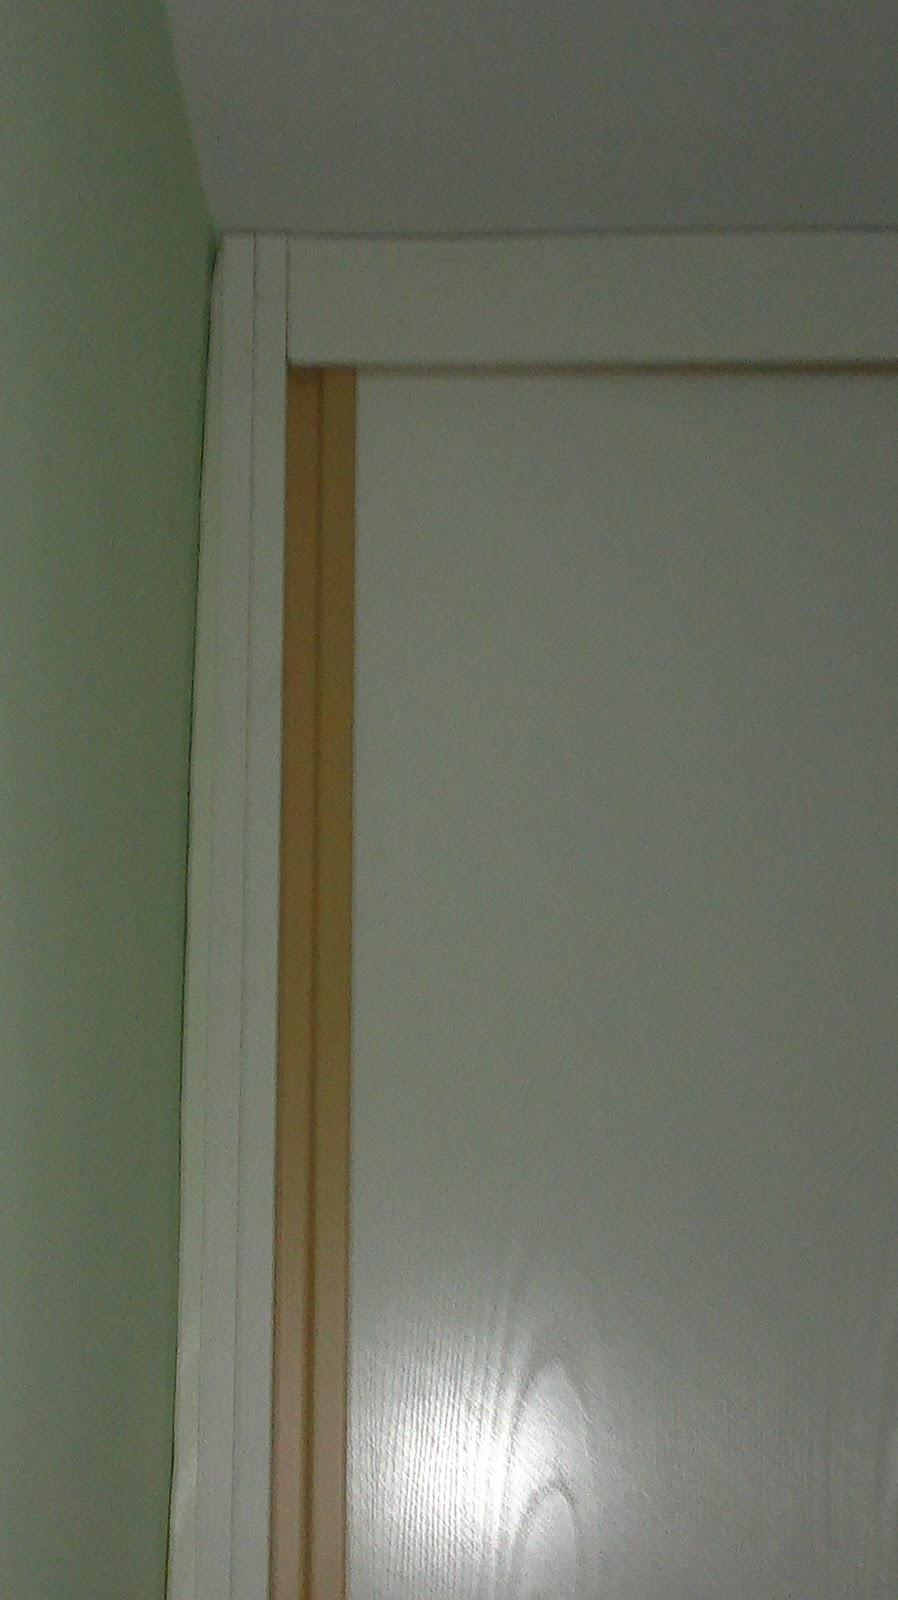 Muebles eduardo tallero armarios empotrados dise os de - Fabricar armario empotrado ...